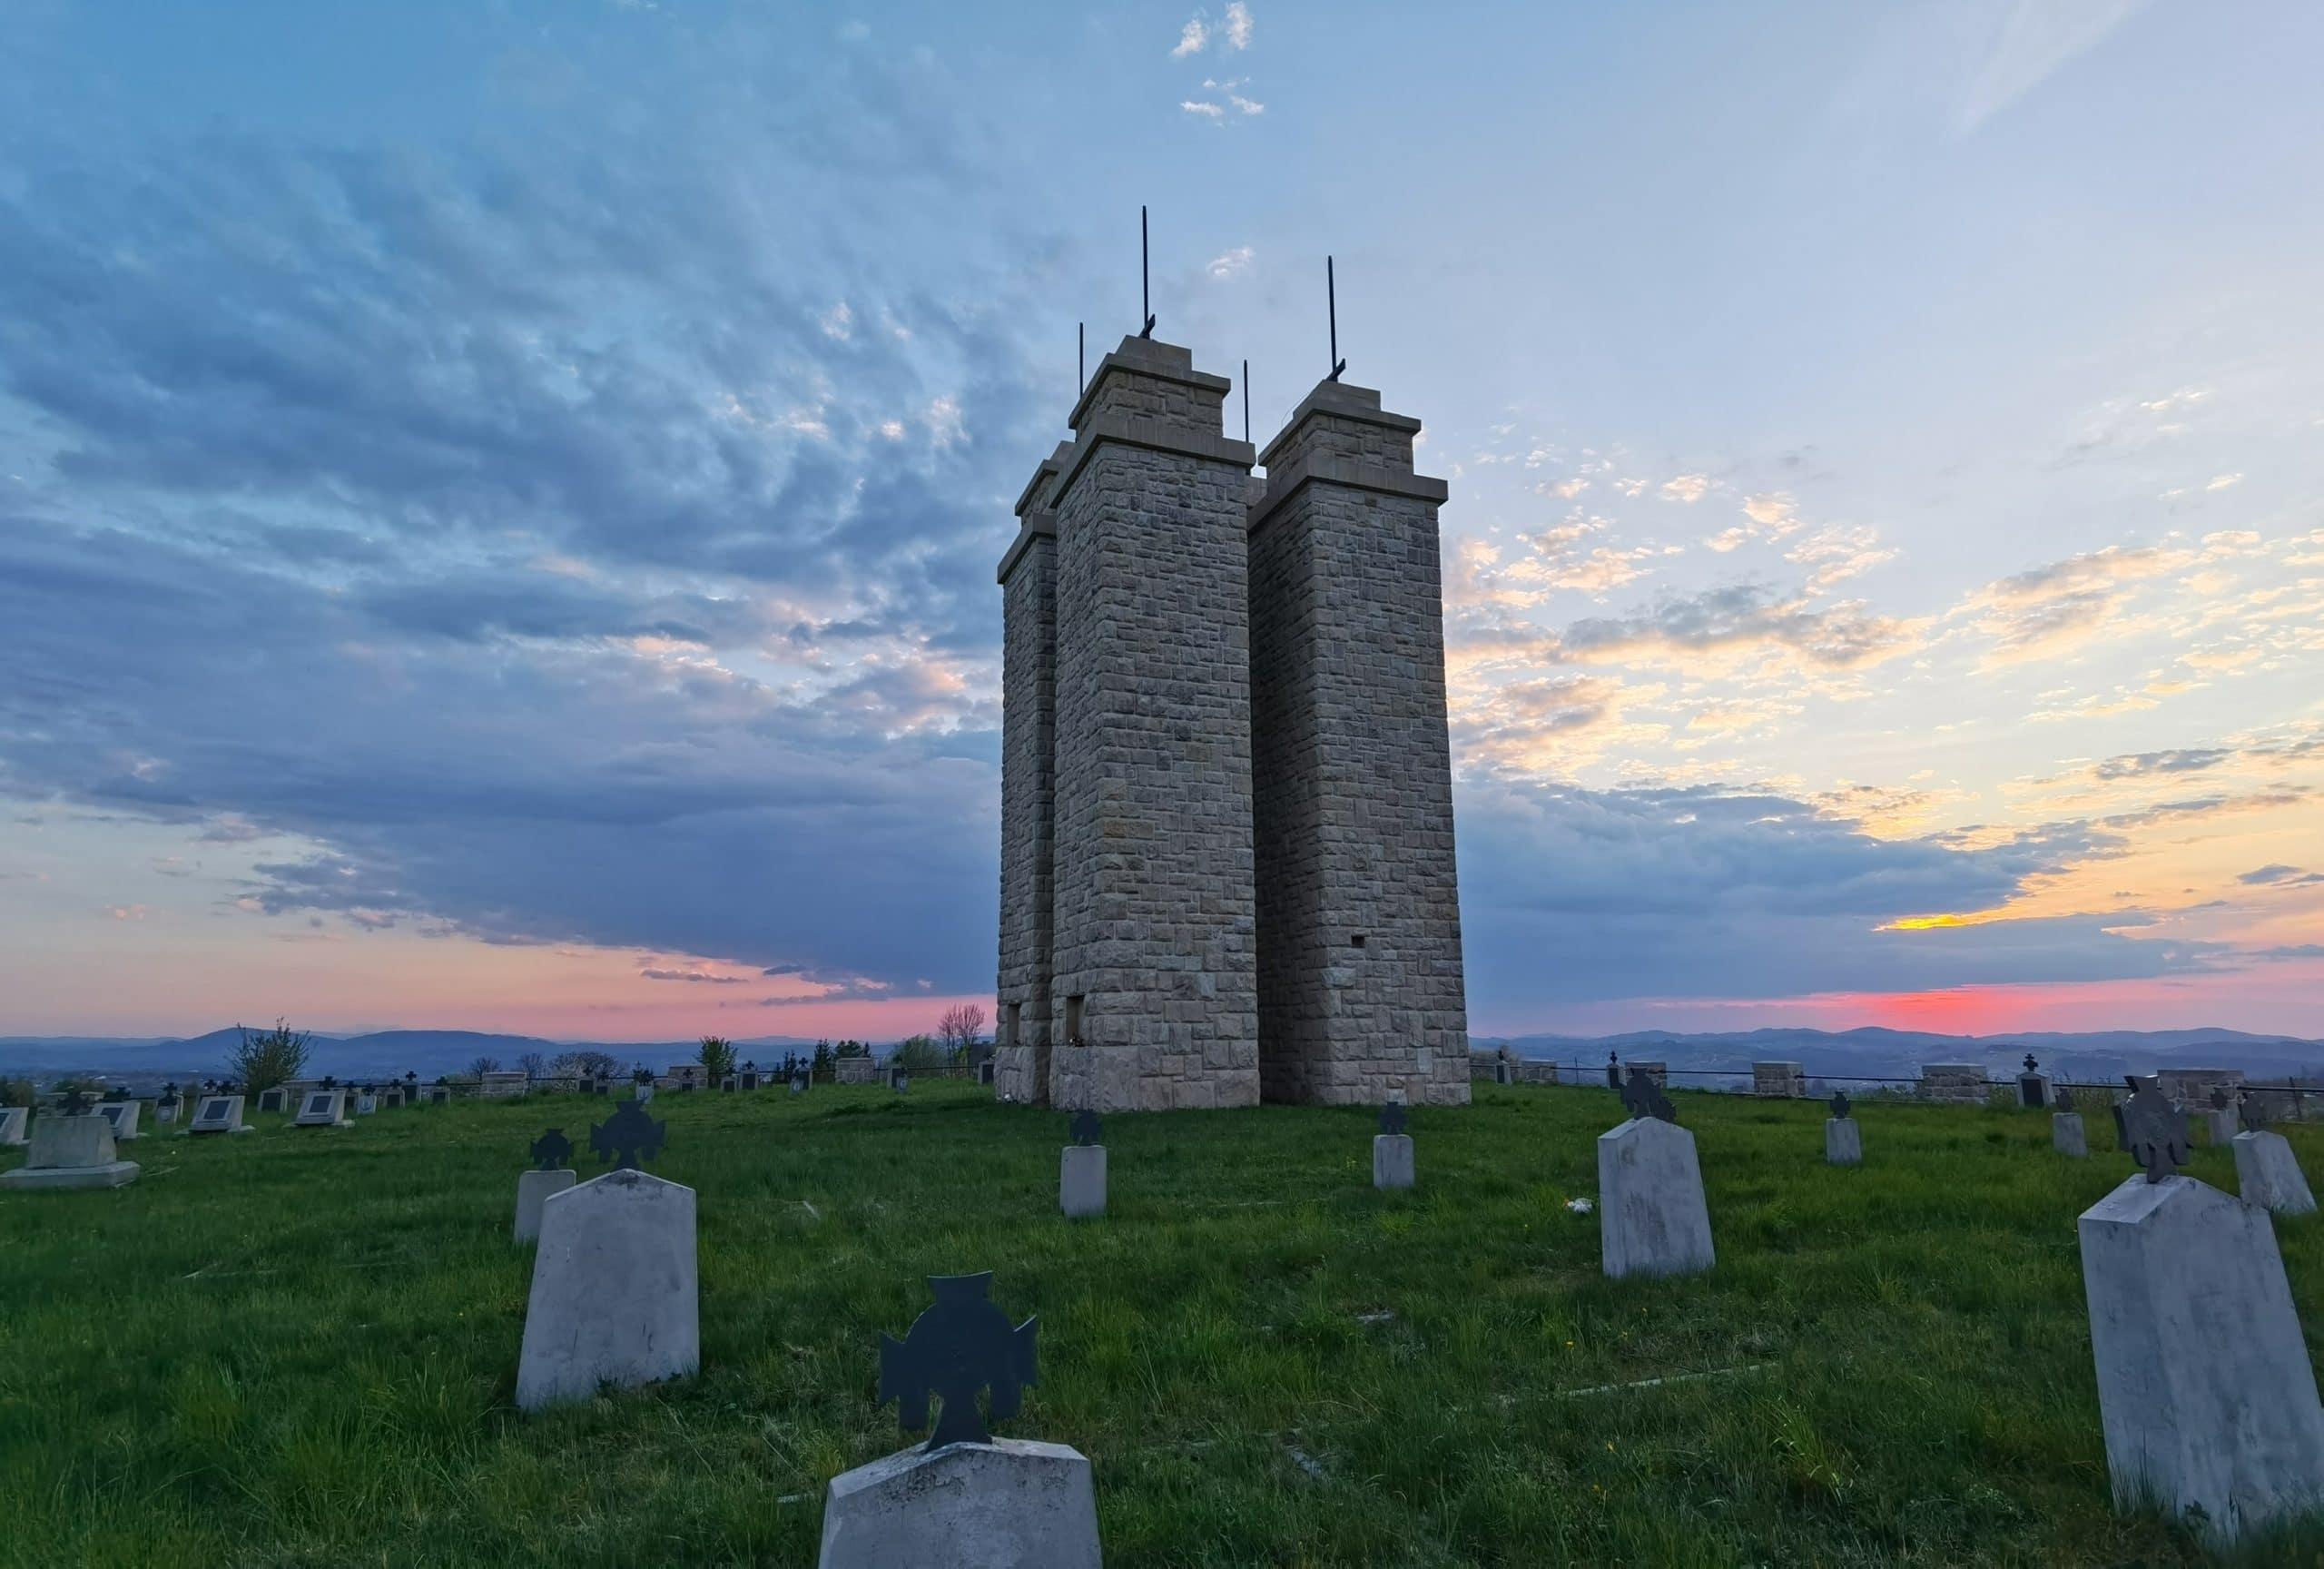 Cmentarz wojenny 118 w Staszkówce na tle zachodzącego słońca.